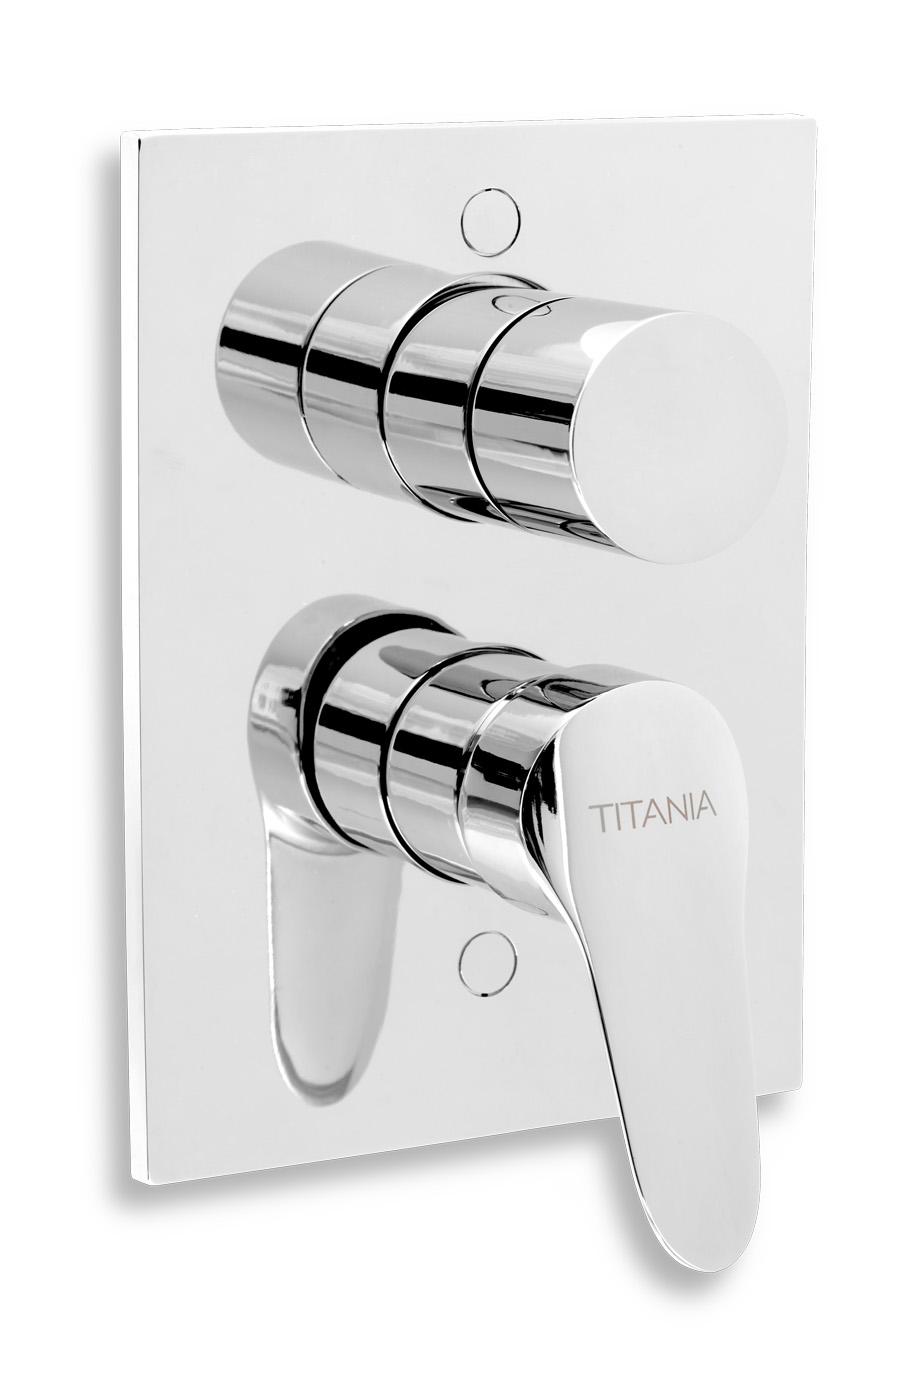 Vanová sprchová baterie s přepínačem Titania IRIS New chrom